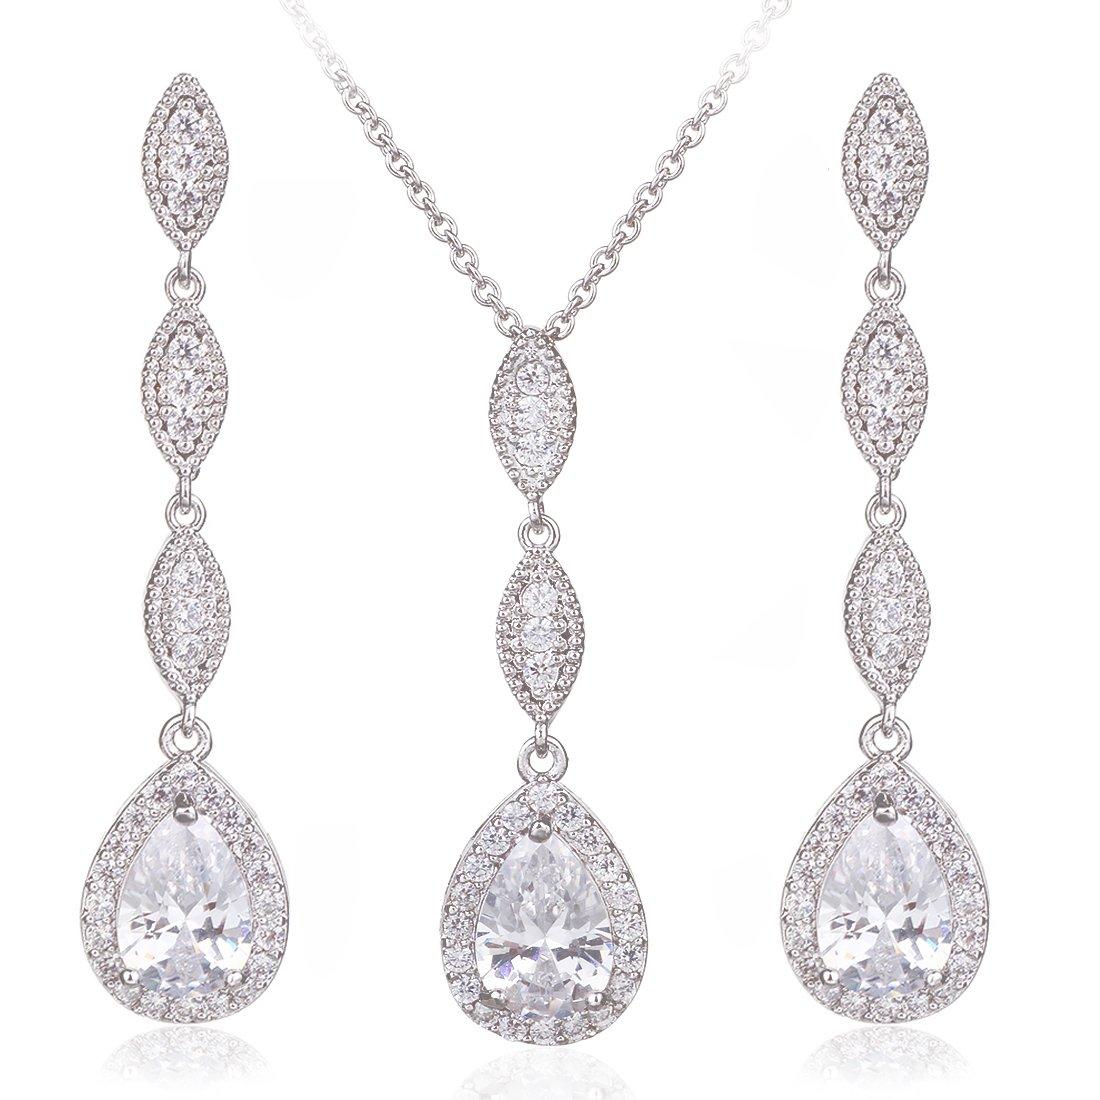 Wordless Love Teardrop Pear Shape CZ Necklace Pierced Earrings Women Wedding Jewelry Sets by Wordless Love